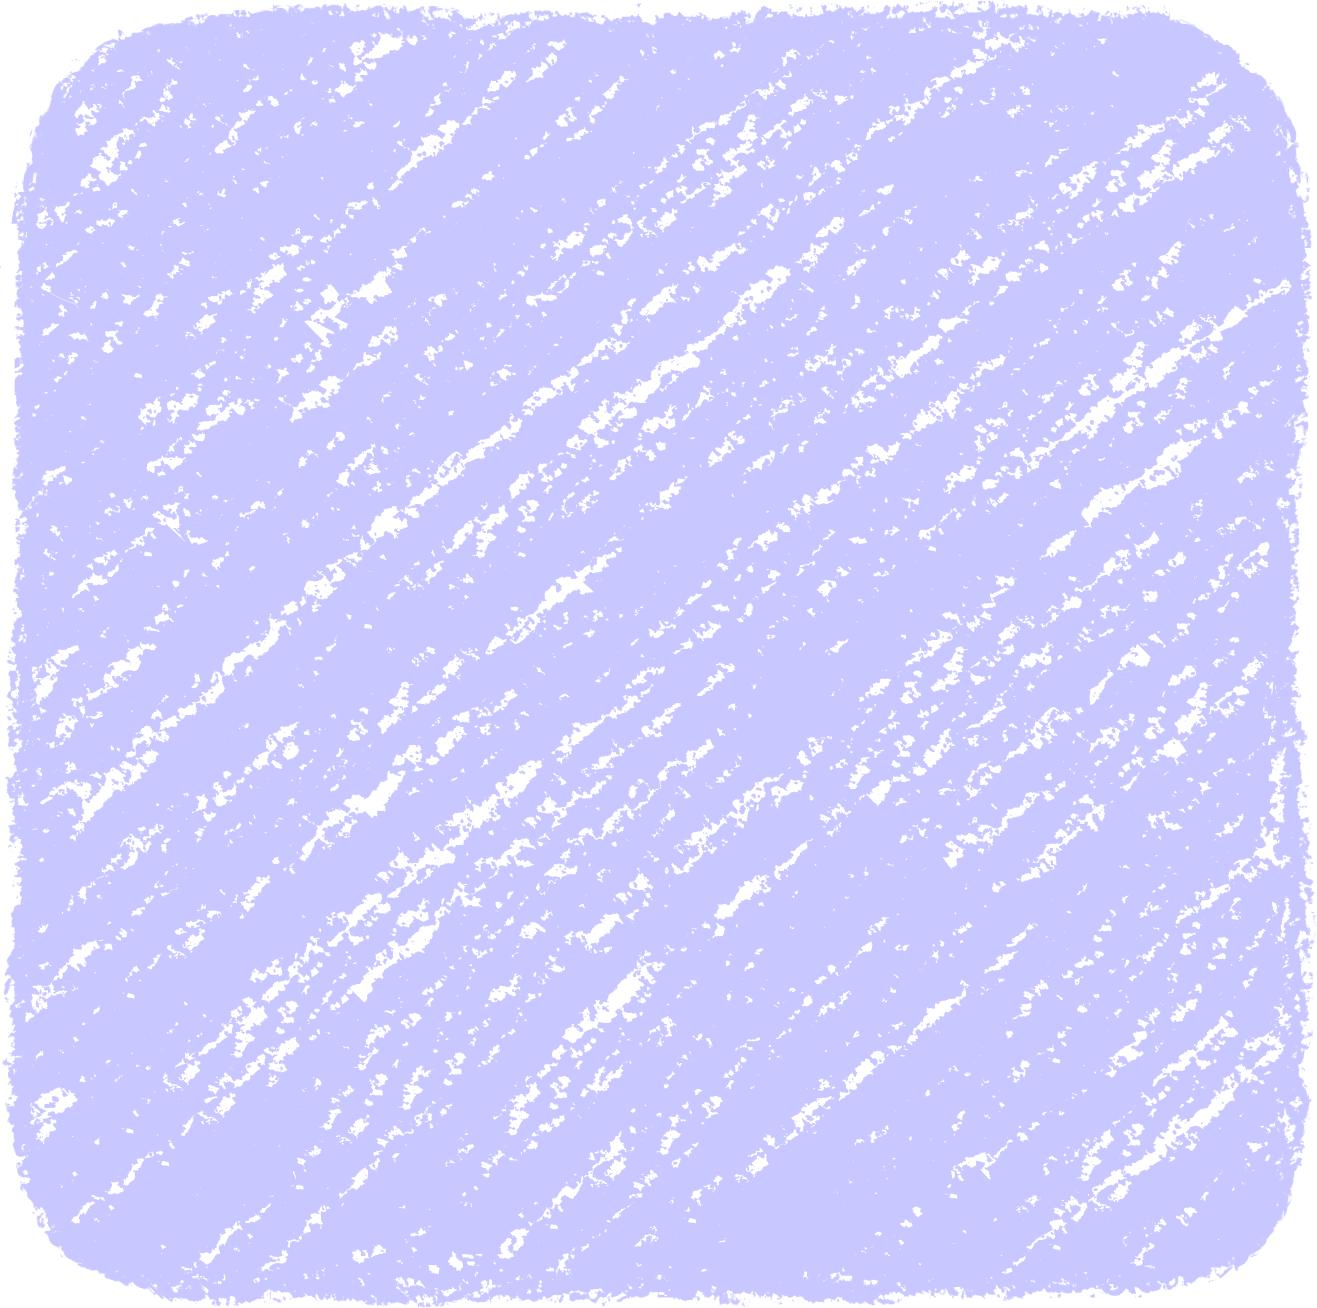 クレヨン塗り背景 パステル 紺色 新(ネイビー)四角のイラスト square_navy